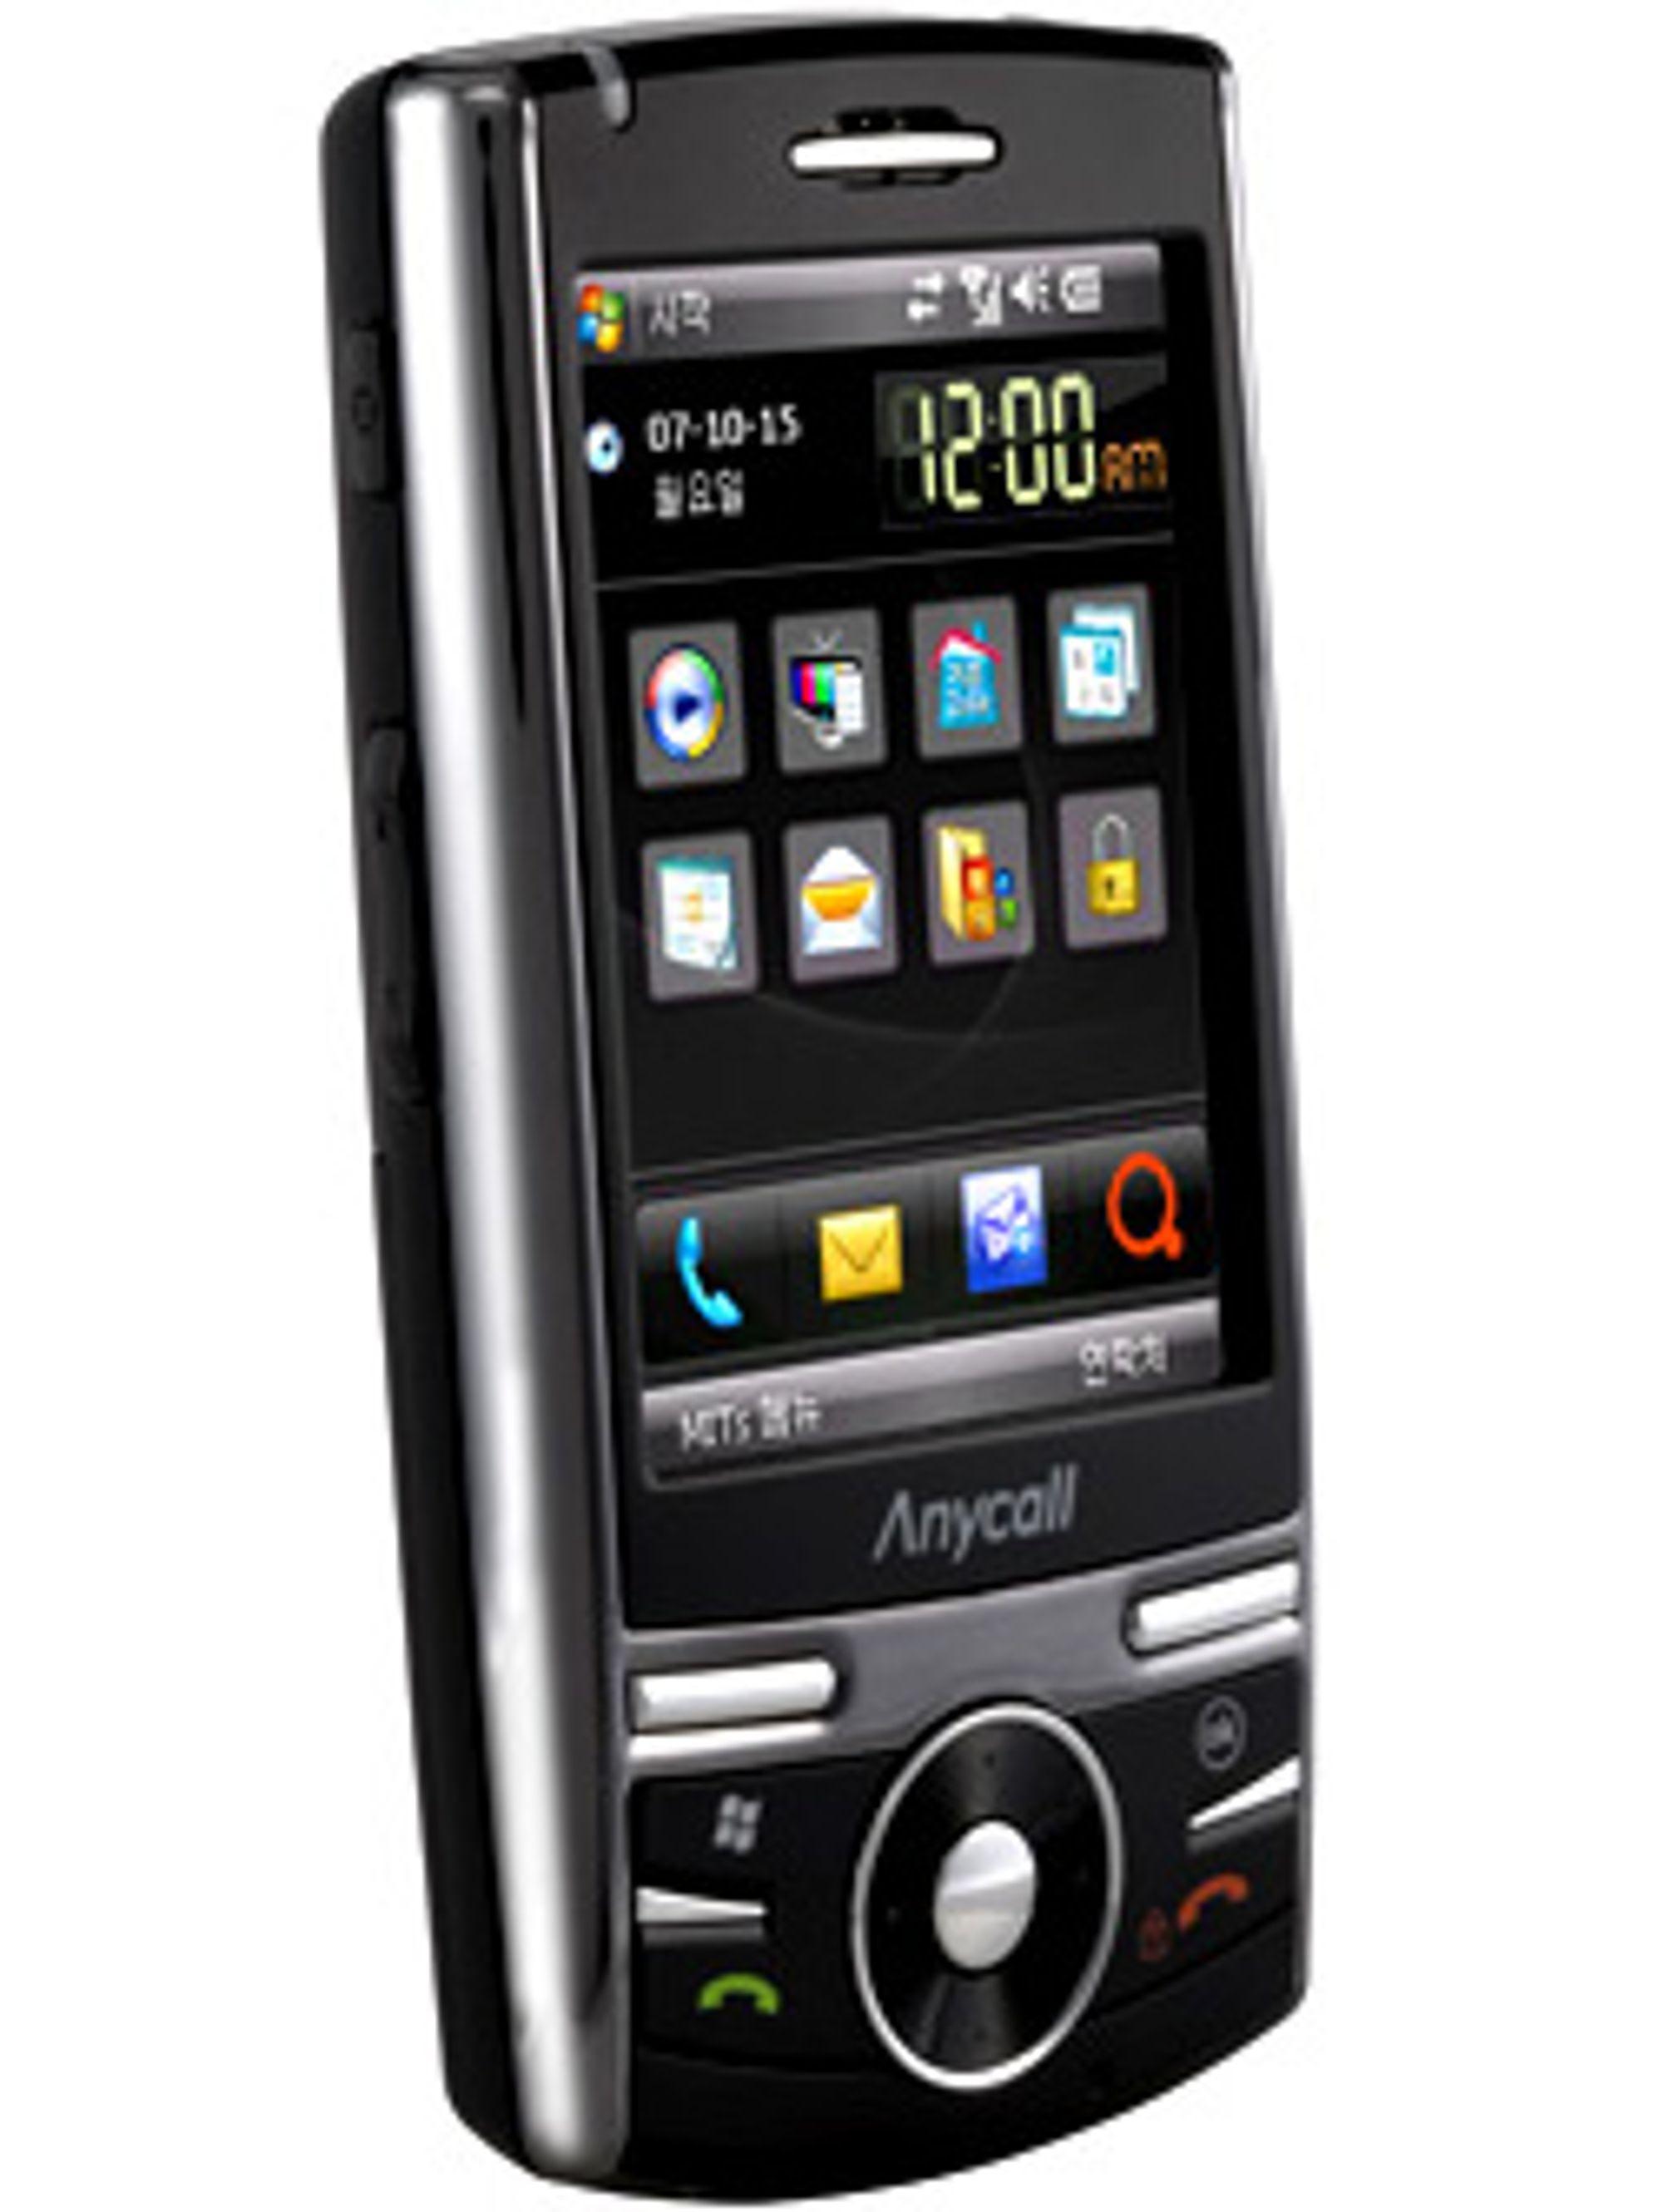 Samsung vil komme iPhone i forkjøpet med M4650 Multi-touch. (Foto: Korean Times)